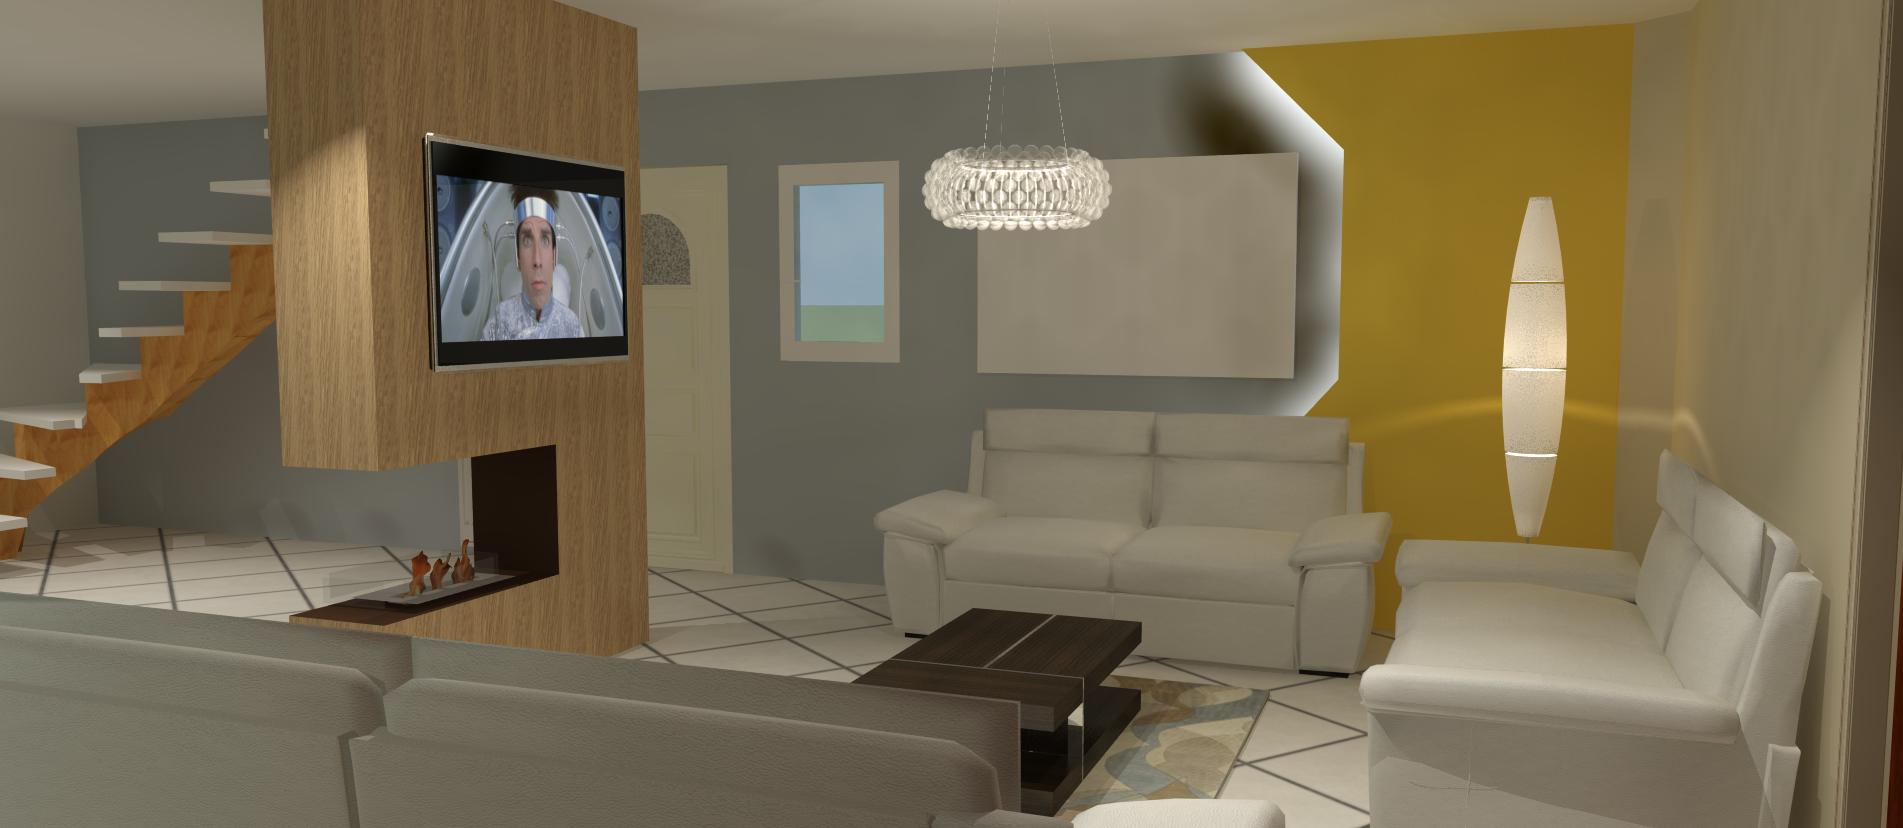 aménagement et décoration salon